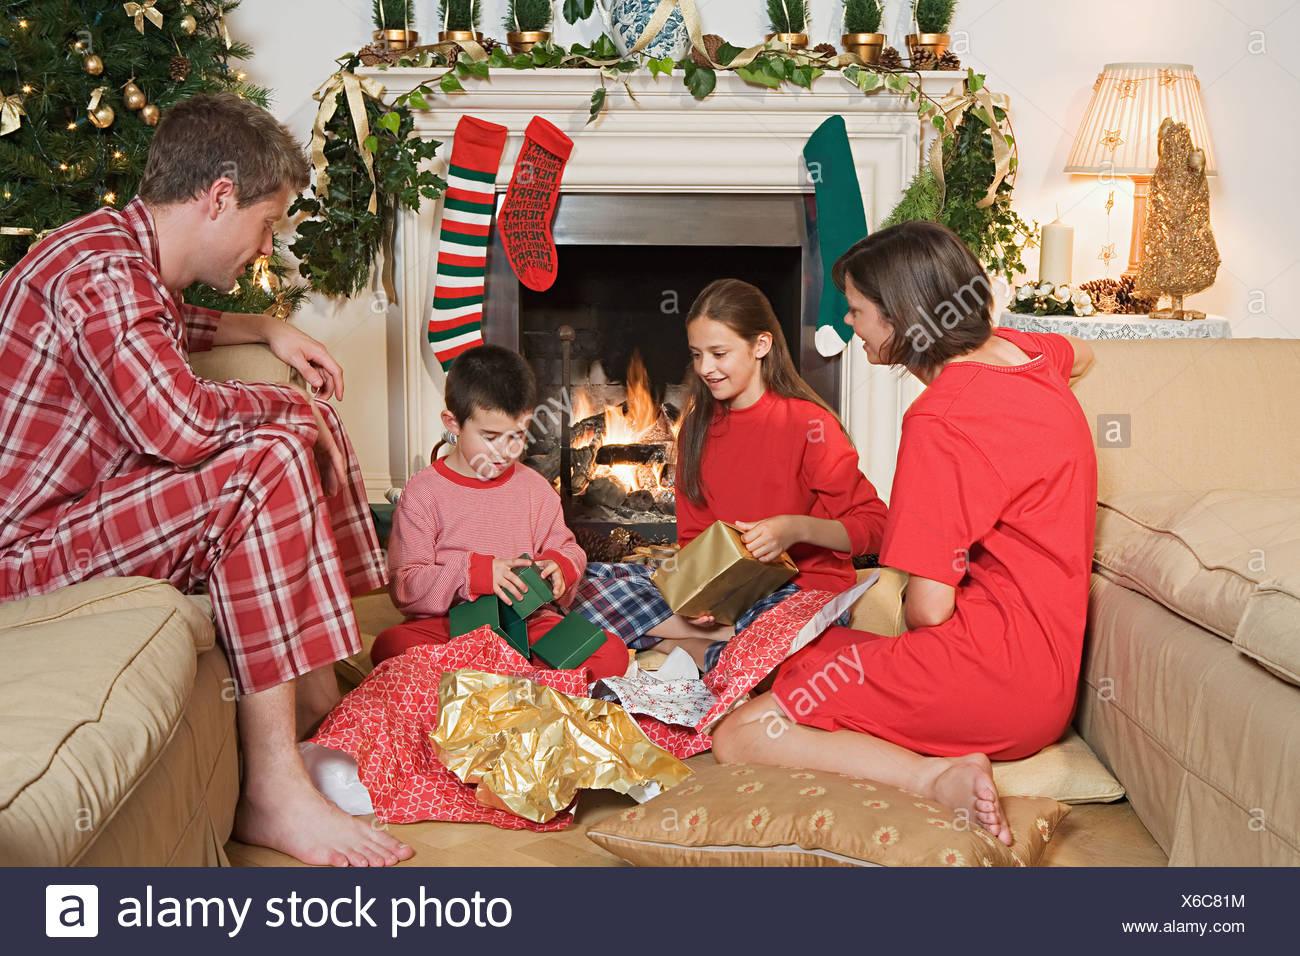 Familie Weihnachtsgeschenke zu öffnen Stockfoto, Bild: 279323568 - Alamy